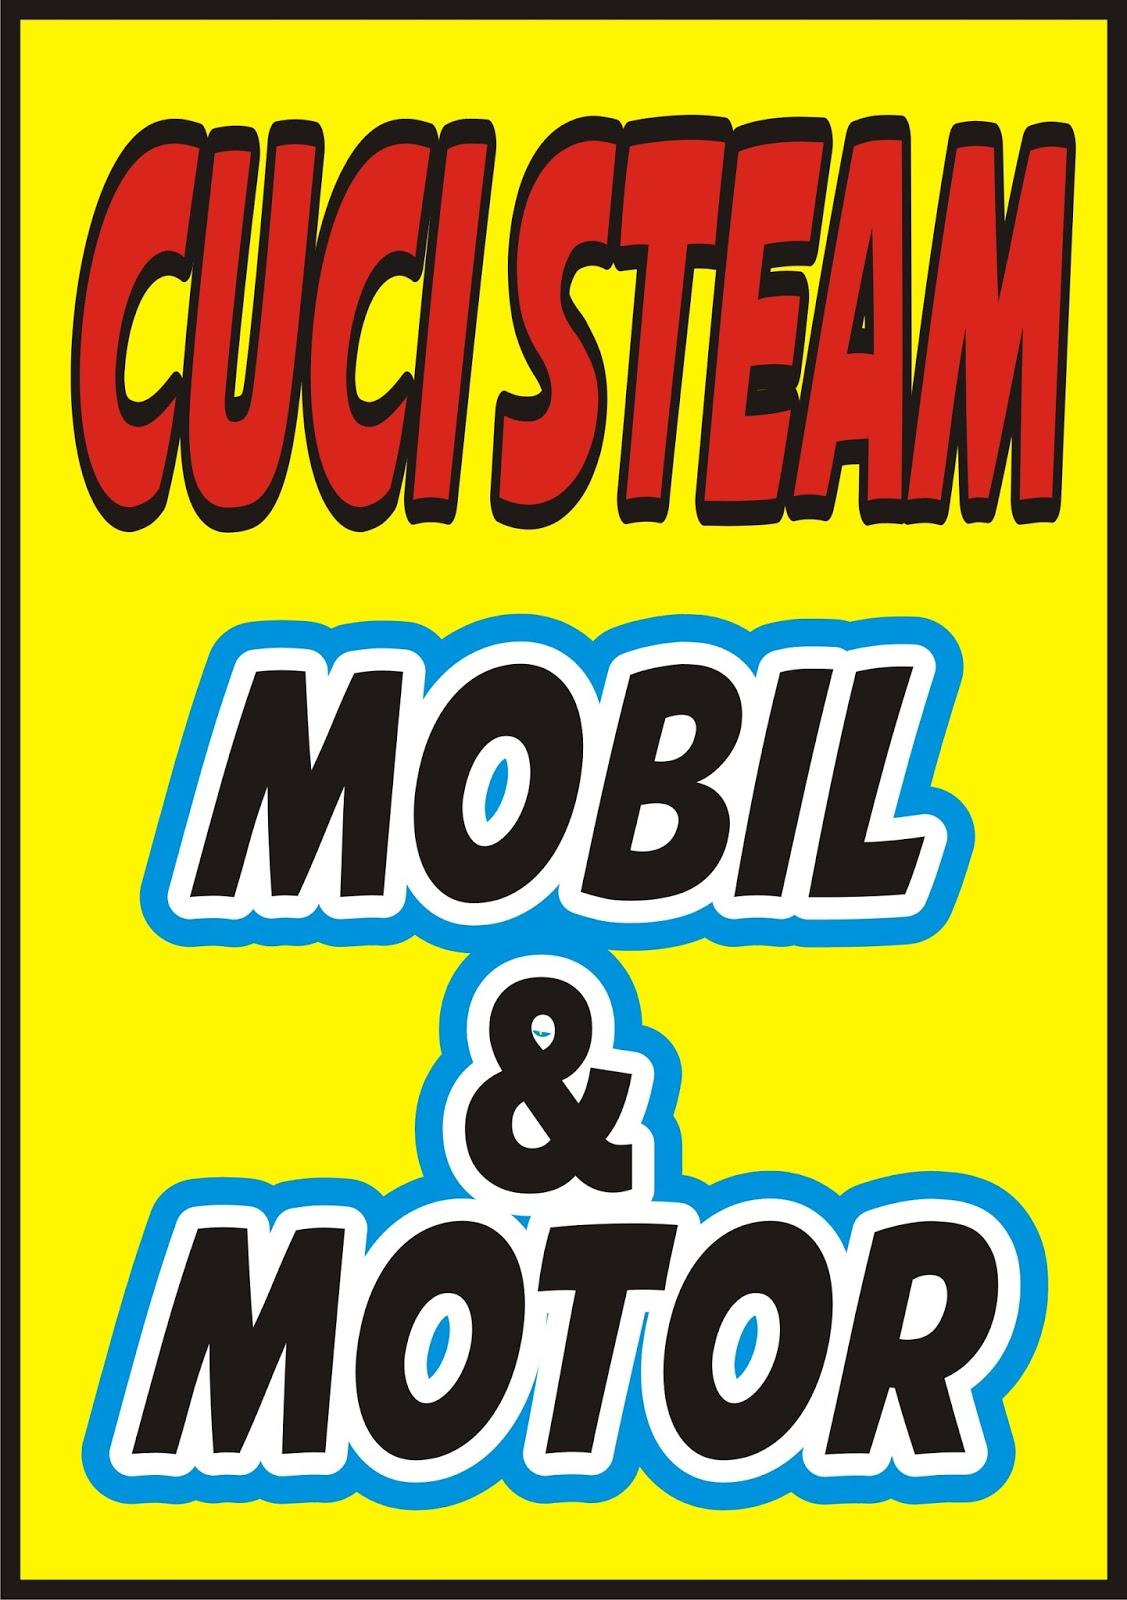 Contoh Spanduk Cuci Motor.cdr | KARYAKU